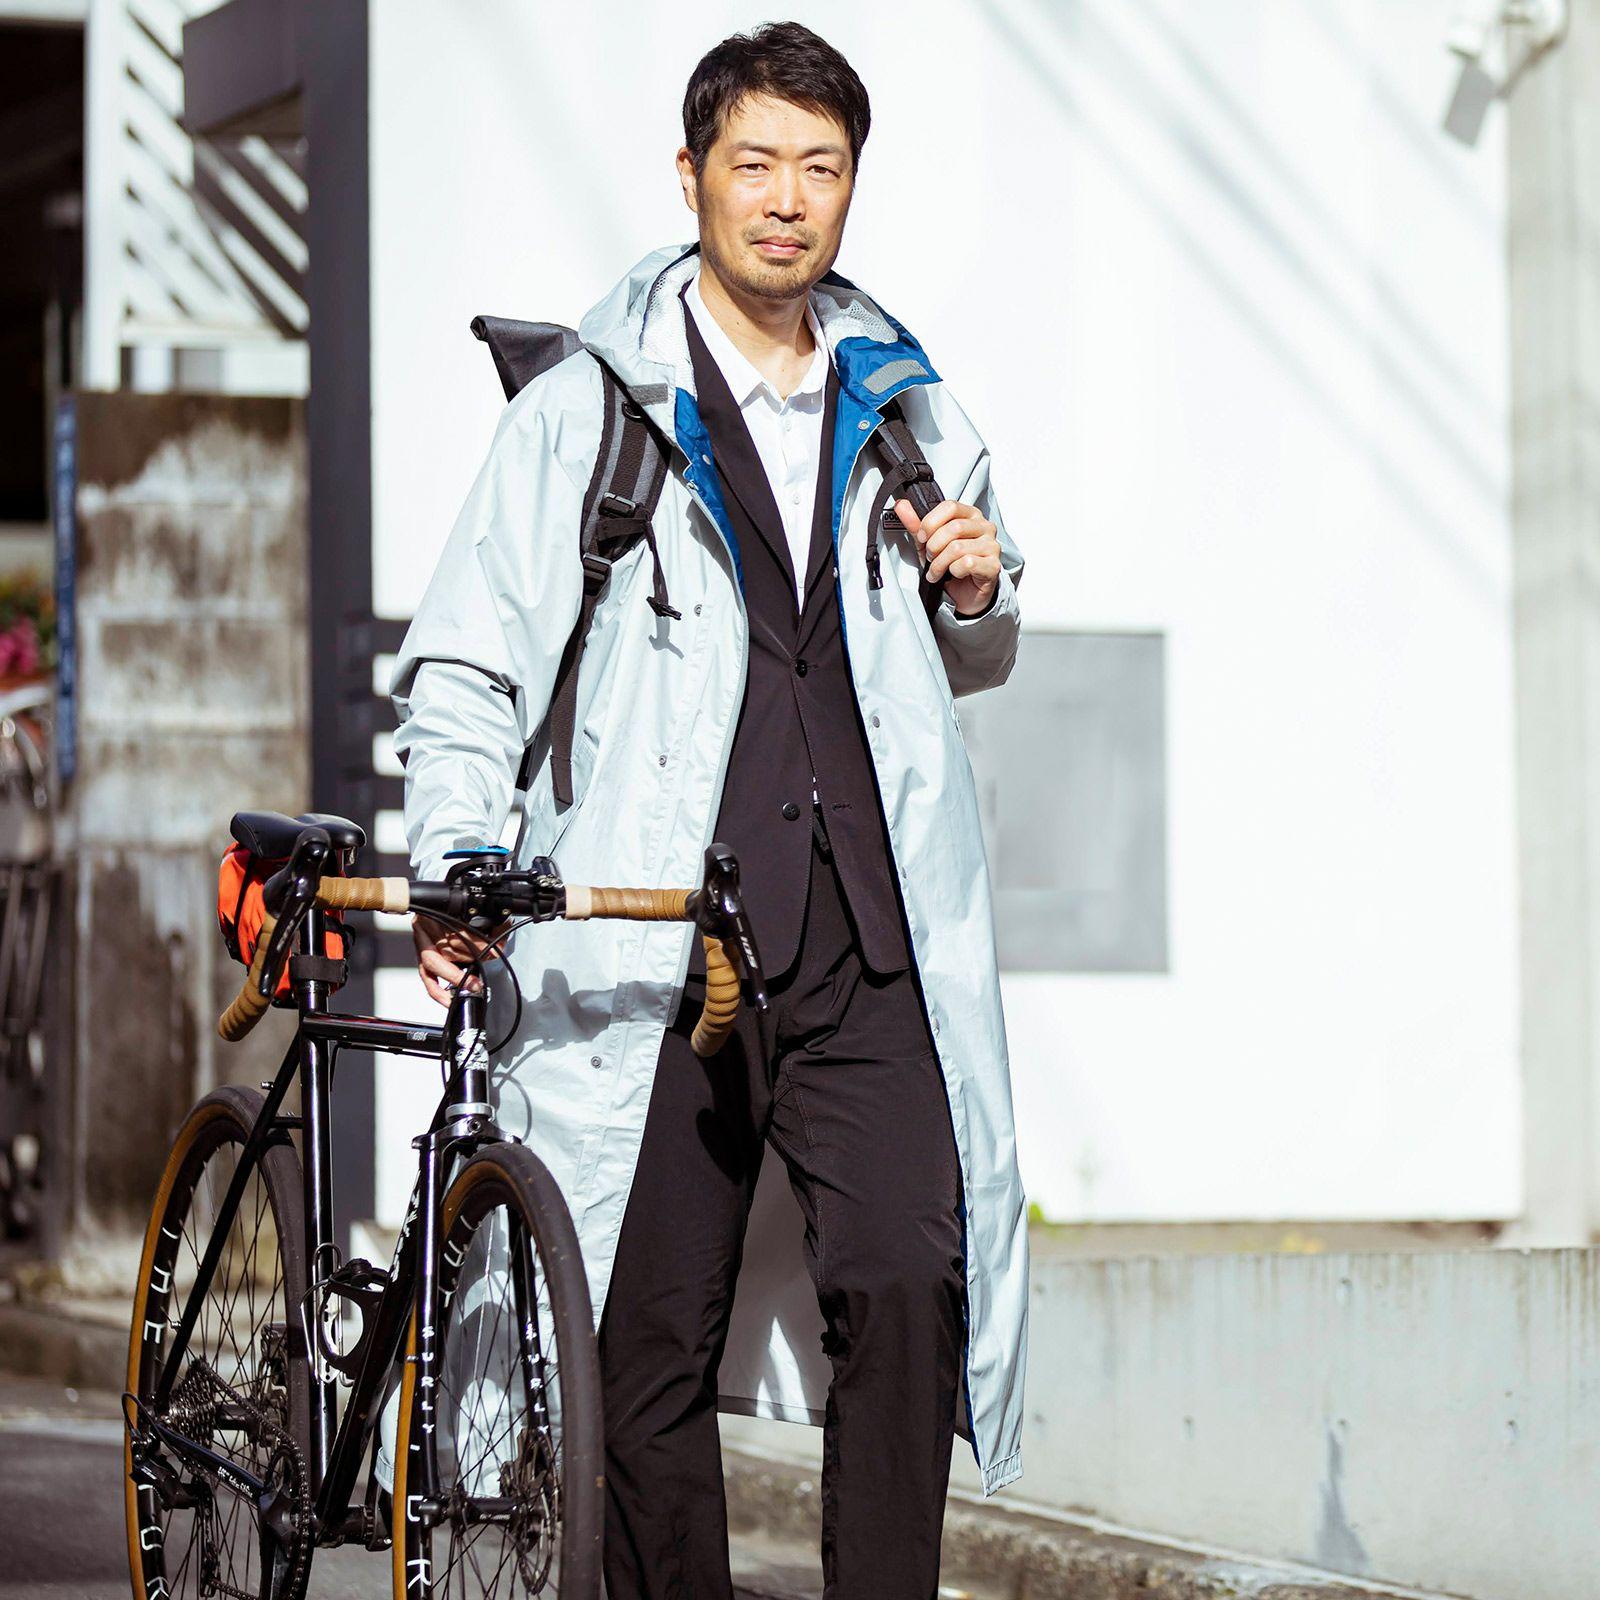 自転車に、街使いにピッタリのコート丈スタイル